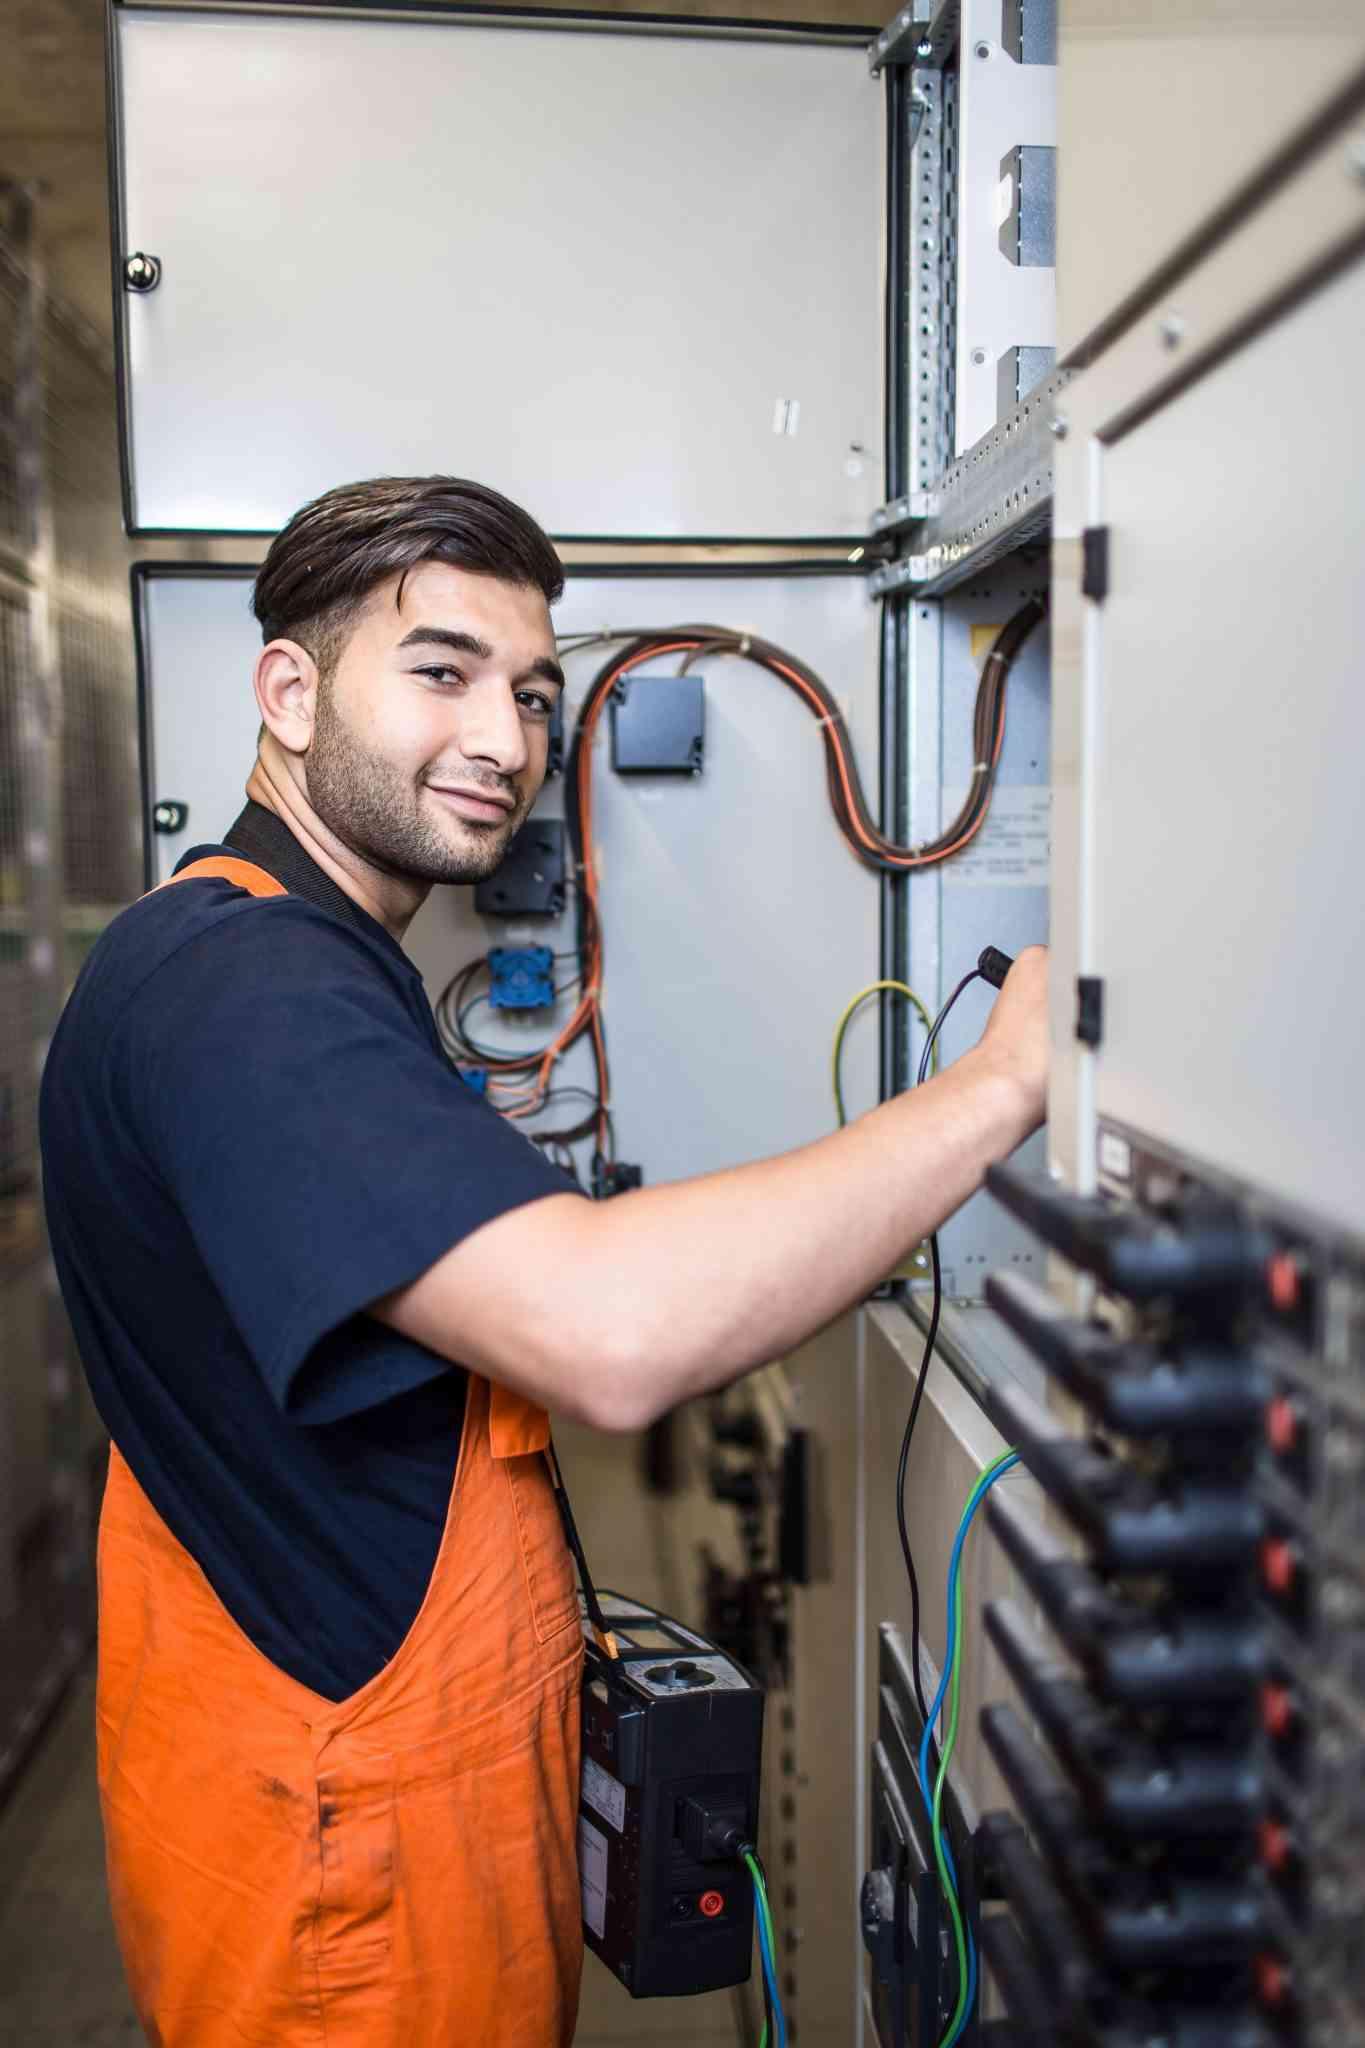 """Ali Celik, Lehrling für Elektroenergietechnik - """"Was würden die Menschen in der Stadt ohne Strom machen?"""", dachte sich Ali Celik und hat sich bei uns als Lehrling für Elektroenergietechnik beworben. Nun steht bald seine Lehrabschlussprüfung an. Als Elektroenergietechniker ist der 20-Jährige für die technische Infrastruktur zuständig – beispielsweise in U-Bahnstationen oder für die Oberleitungen der Straßenbahn wie auch die Straßenbahnweichen. """"Es macht sehr viel Spaß, es ist wie eine Familie. Jeder ist für den anderen da"""", sagt Celik. Dienstbeginn ist um sieben Uhr morgens. """"Da trinkt man schnell einen Kaffee und es geht schon los. Wir machen dann unter anderem Wartungen an den U-Bahnstationen, beheben Störungen oder kontrollieren Sicherungsmaßnahmen. Es ist sehr abwechslungsreich."""" (Quelle: Wiener Vielfalt, Text: Alexandra Laubner, Foto: Michael Mazohl)"""